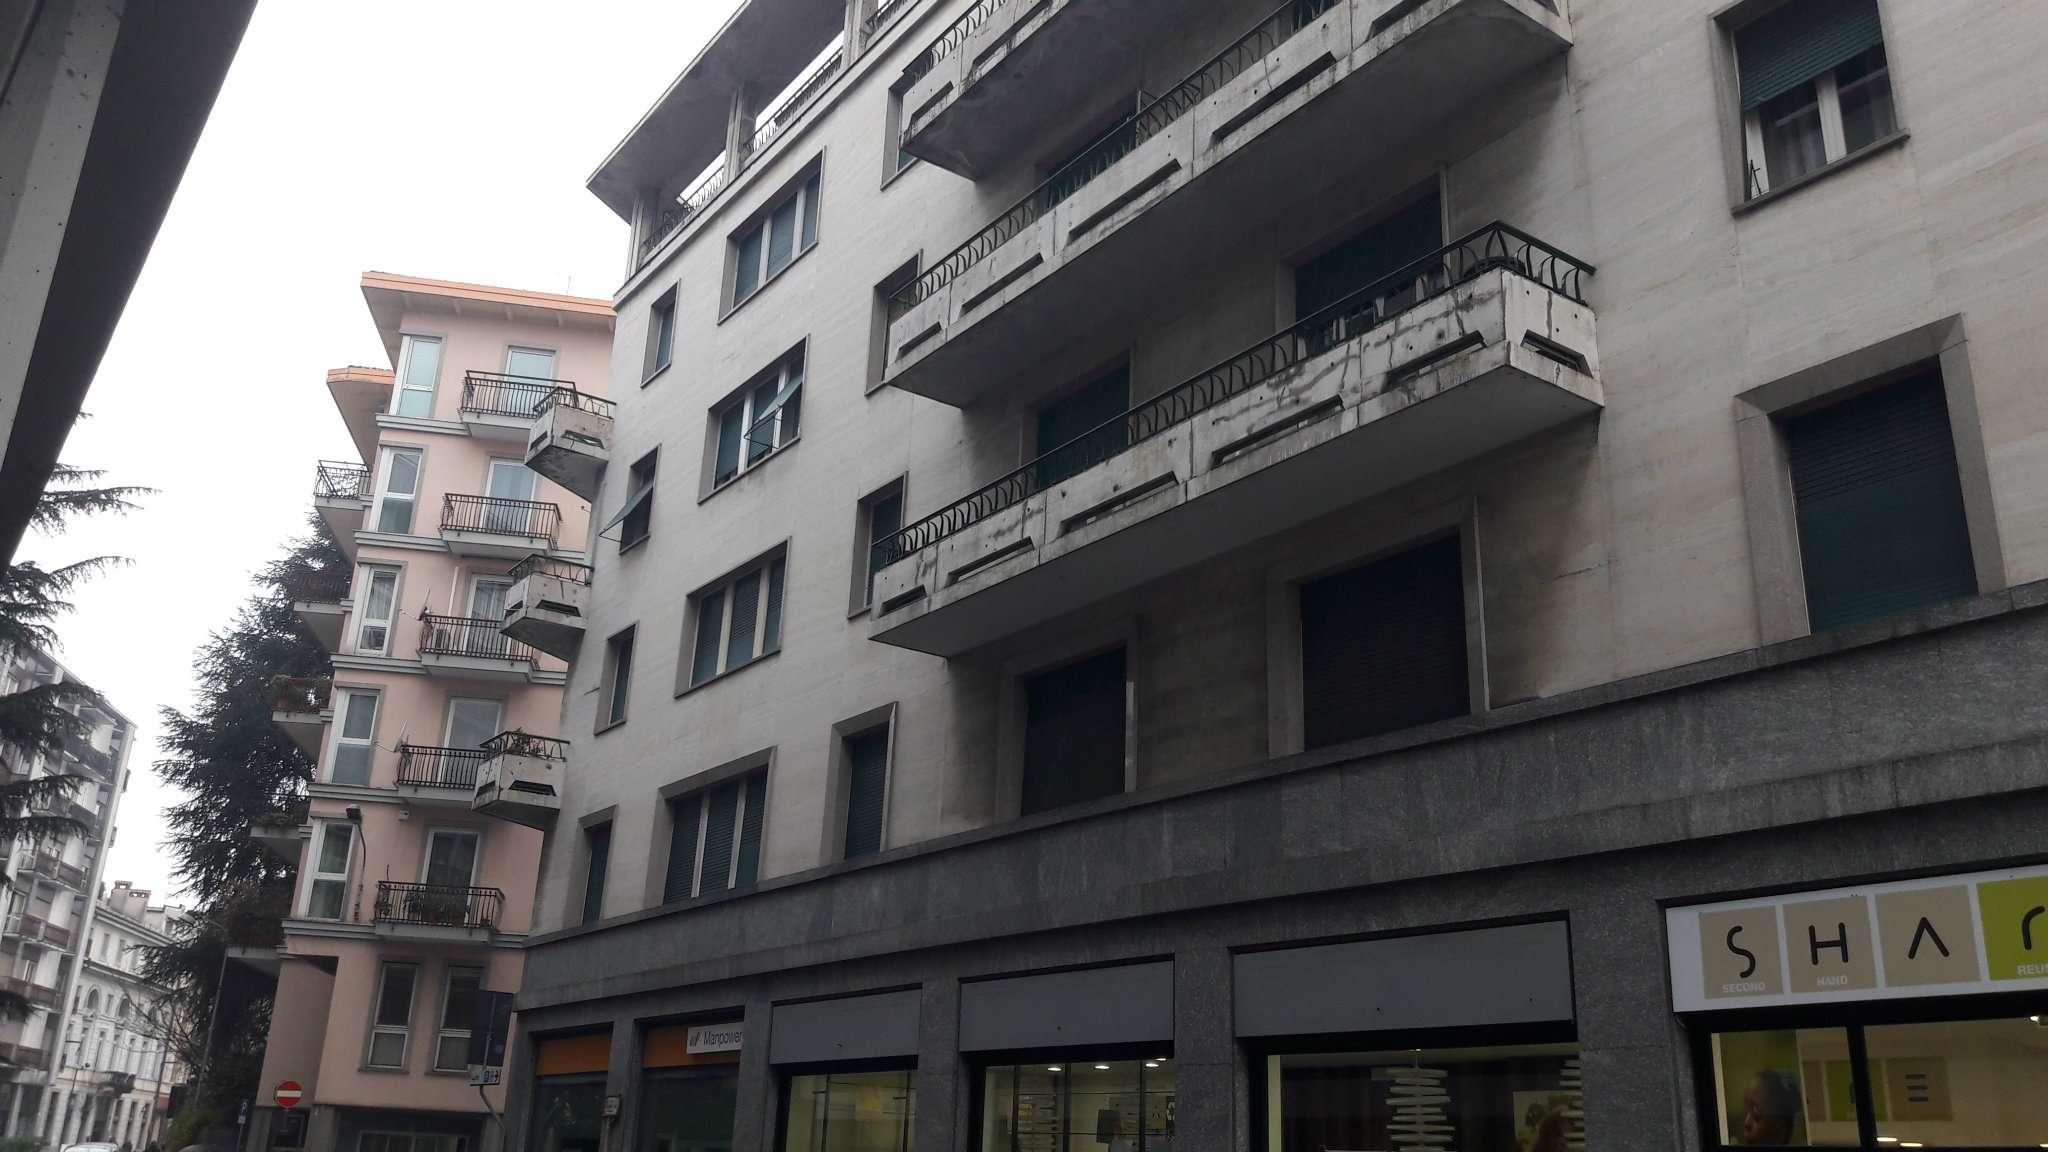 Ufficio / Studio in affitto a Varese, 3 locali, prezzo € 1.100 | CambioCasa.it